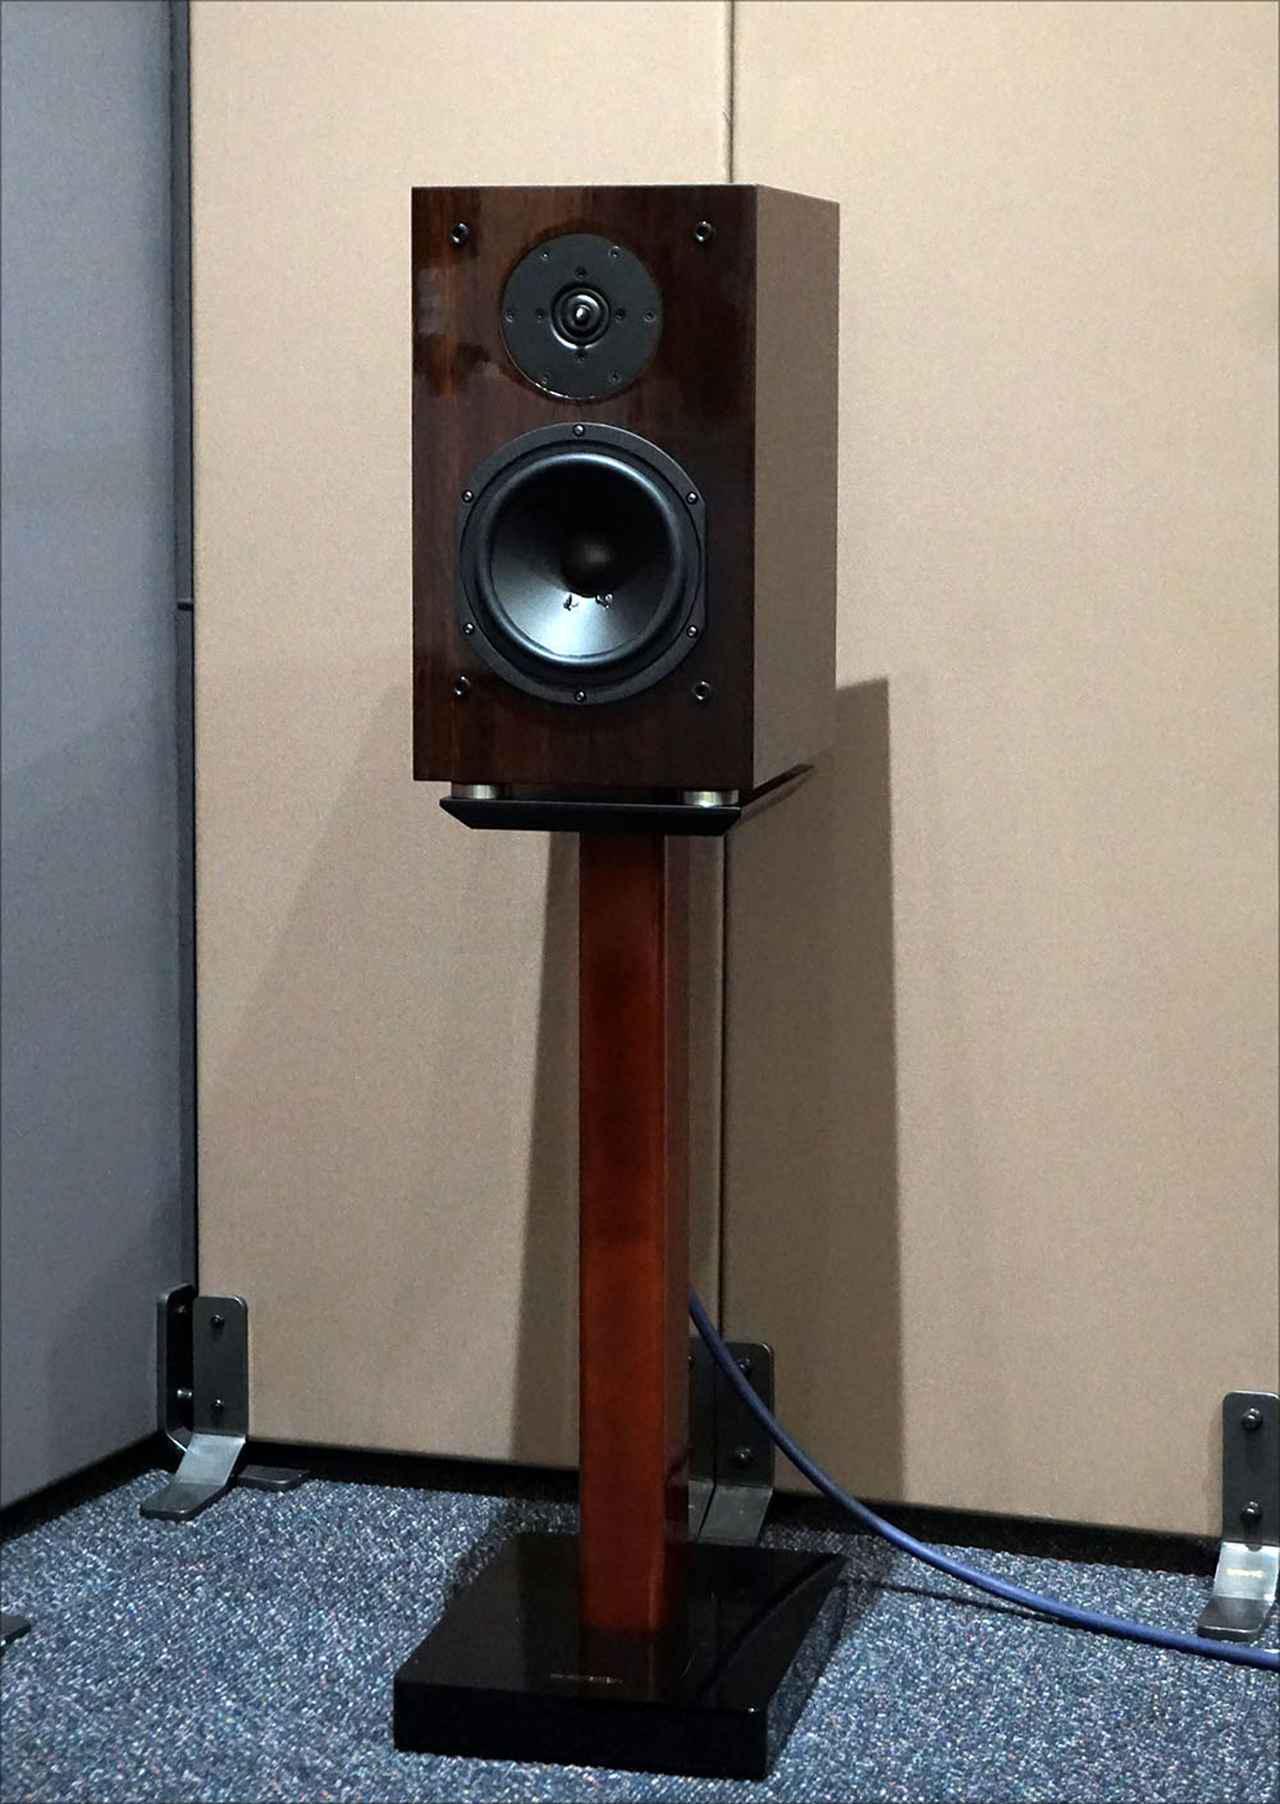 画像: 新製品の「KX-1.5」を、同じく新製品のスタンド「SD-3.5」に載せたところ